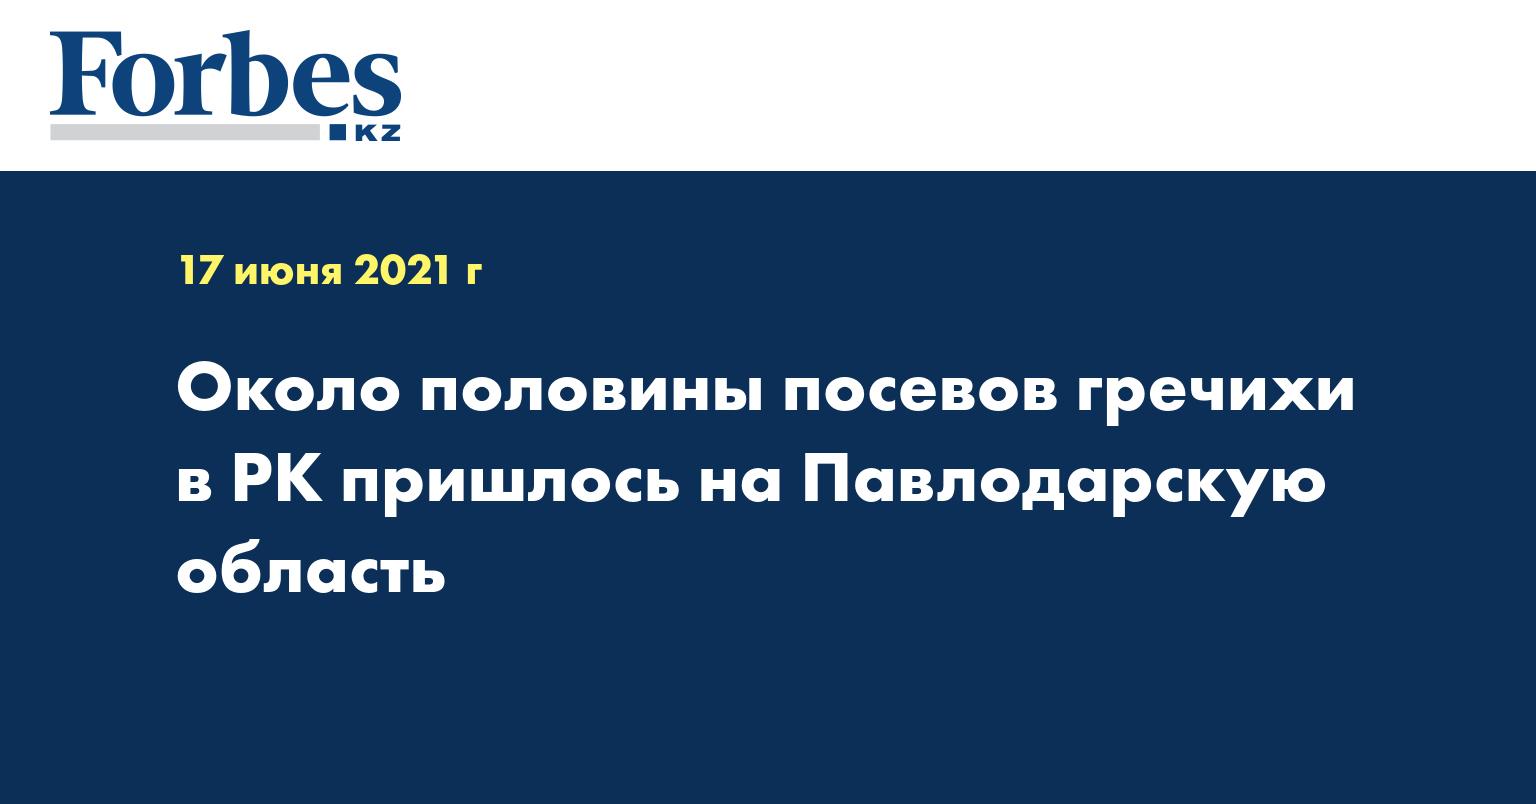 Около половины посевов гречихи в РК пришлось на Павлодарскую область